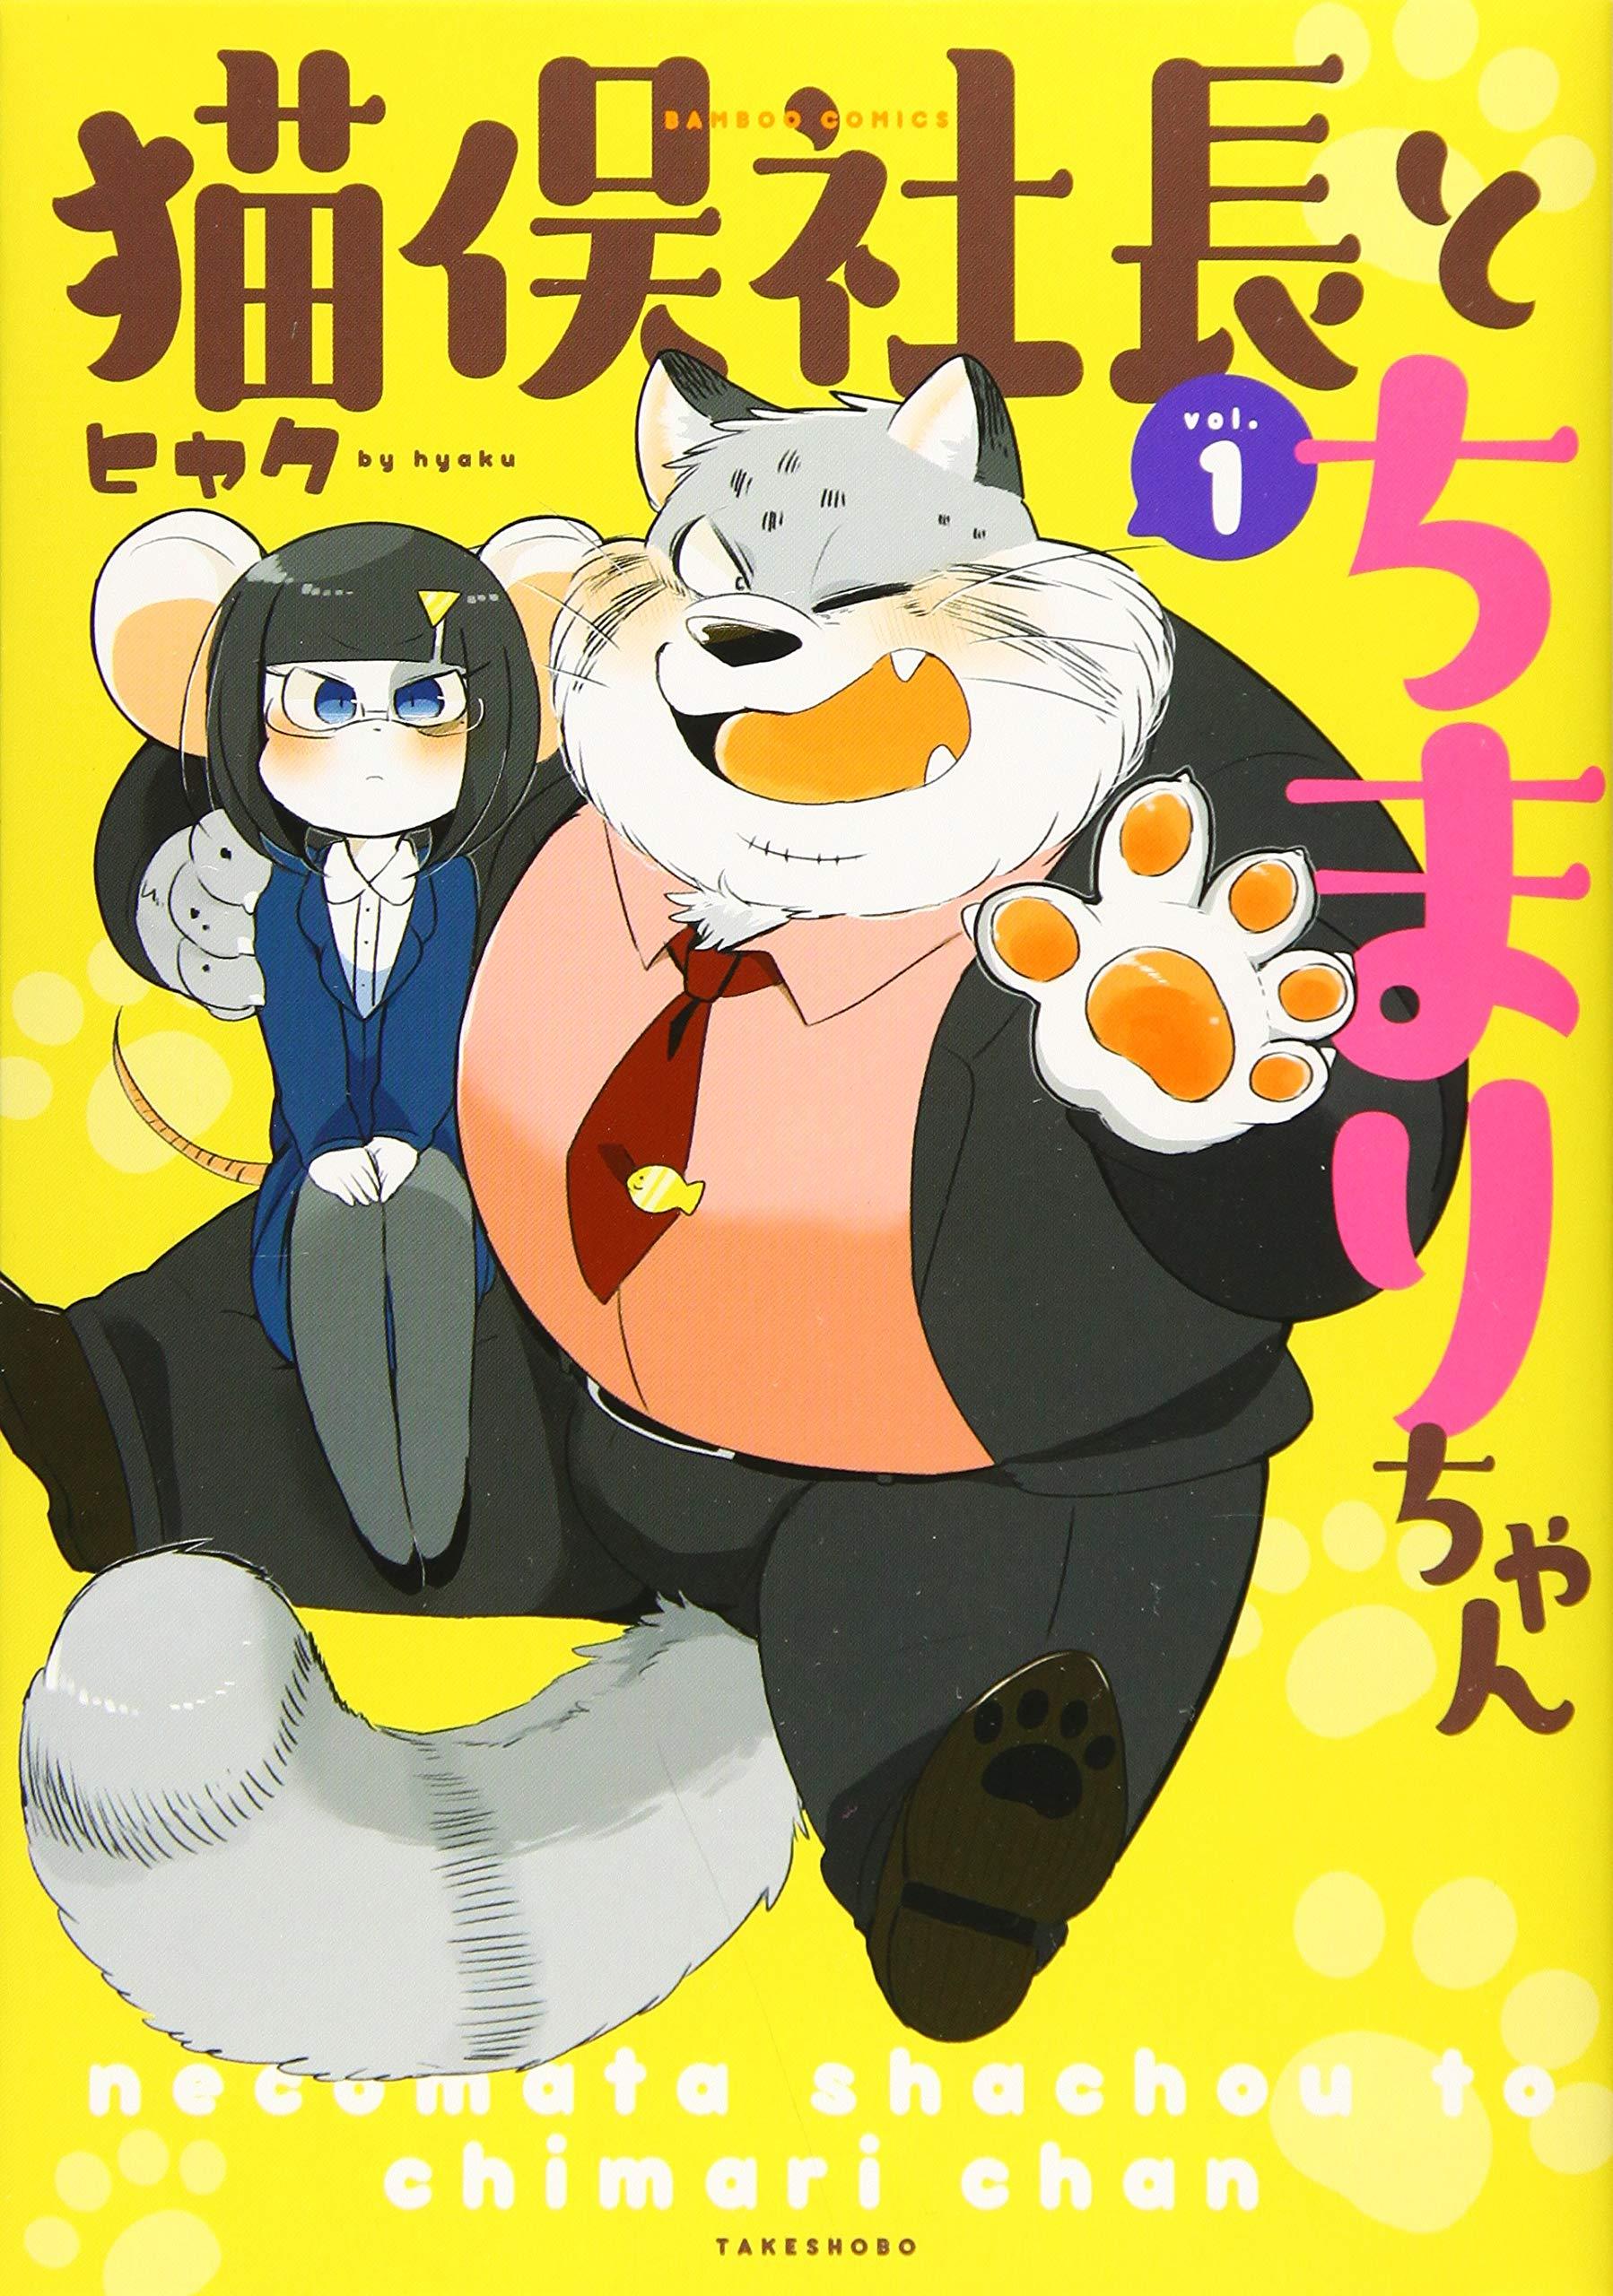 猫俣社長とちまりちゃん 1